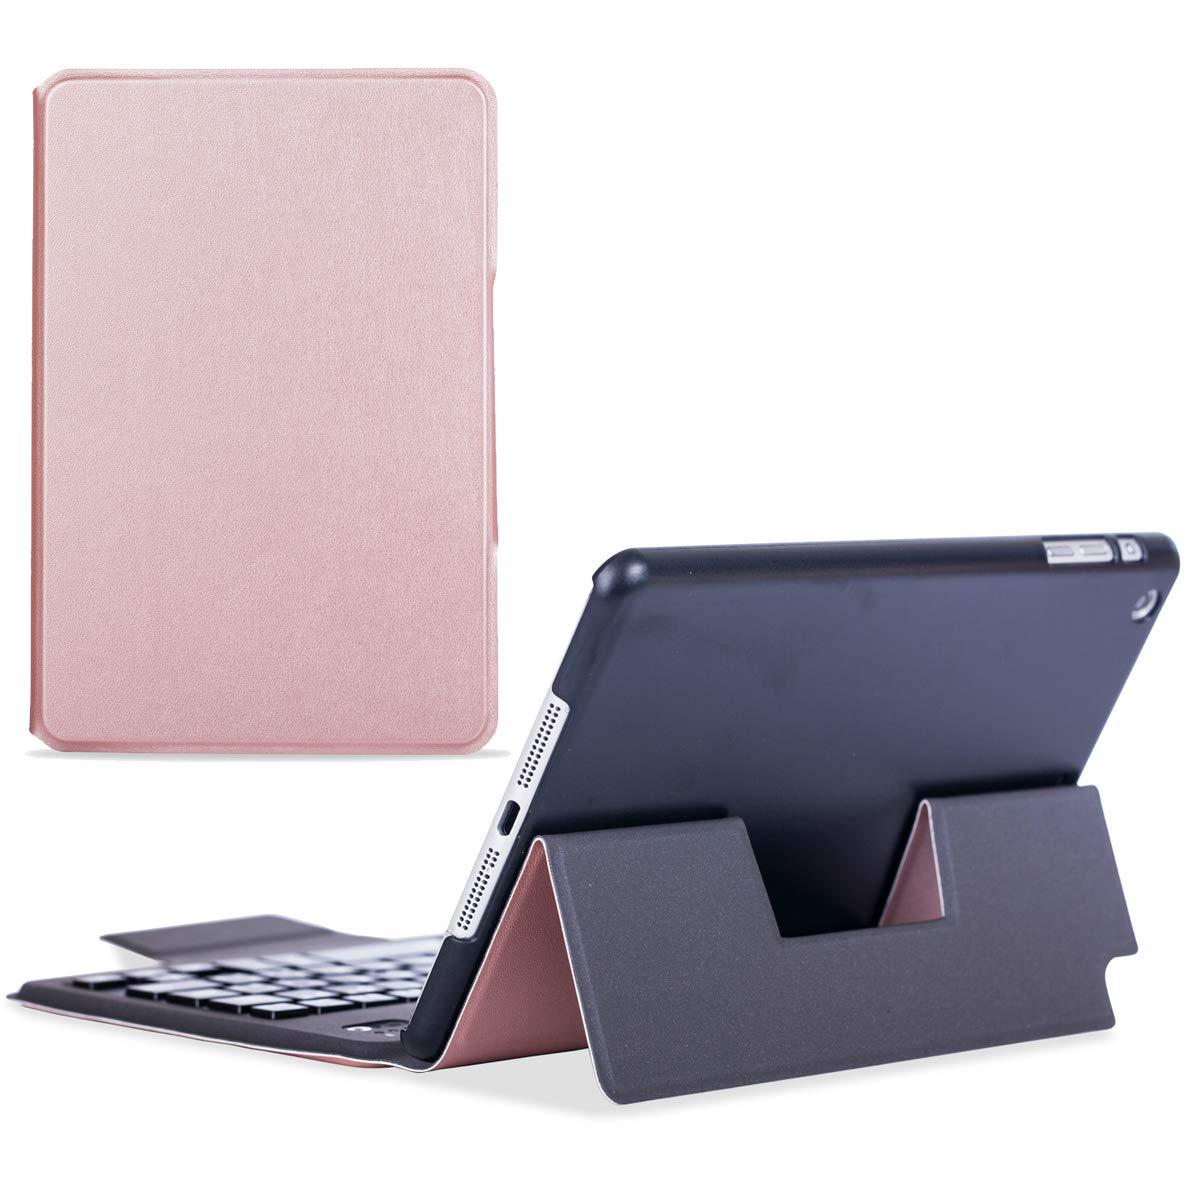 適切な価格 AICEDA B07L1RF45J iPad Mini 1 2 3ケース 優れたスキンスキンバックカバー保護ケース iPad 1 Mini ローズゴールド 1 2 3対応 (ブルー), IHK7-AV-140 ローズゴールド B07L1RF45J, SPICE Store:6d51a3fd --- a0267596.xsph.ru